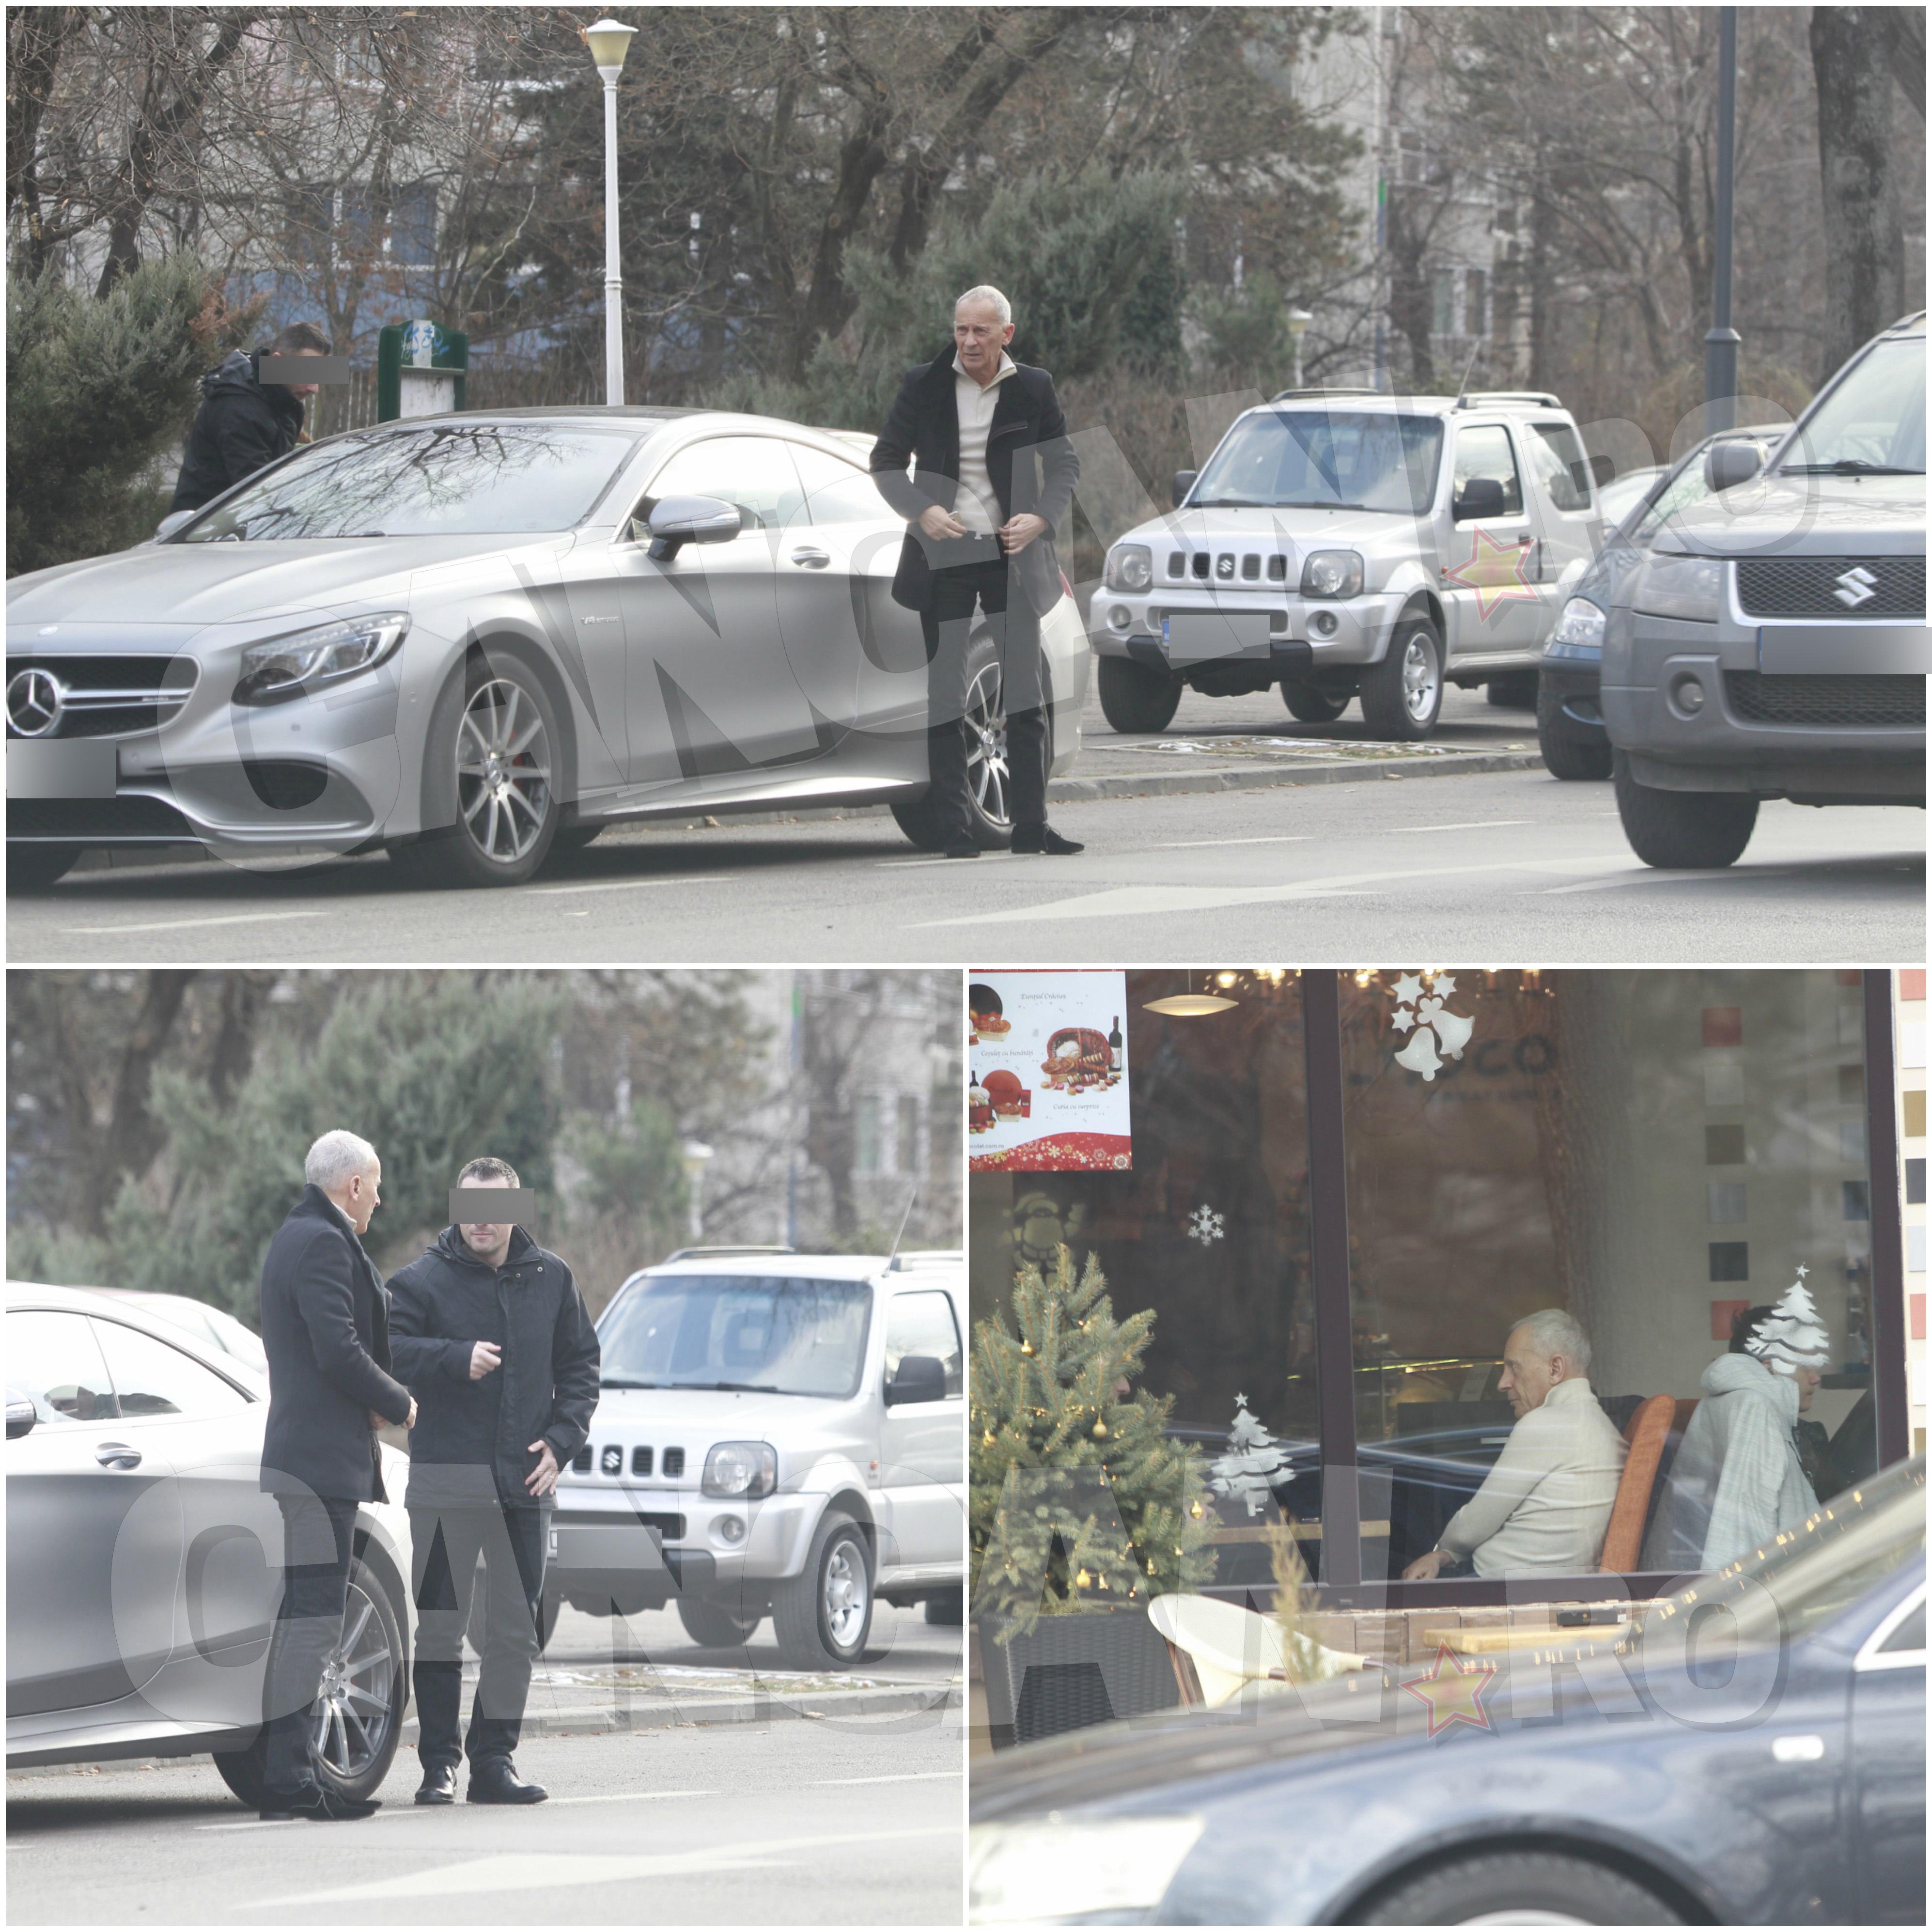 În doar şase luni de zile, milionarul a strâns trei automobile a căror valoare cumulată este de un milion de euro, iar acum se făleşte în oraş cu cea mai nouă achiziţie, un Mercedes de lux! Însă, aşa cum îi este obiceiul, Bela s-a afişat ca un adevărat burlac, fiind însoţit doar de un prieten, nu de vreo domnişoară care să îl însoţească în oraş, pe Dorobanţi.